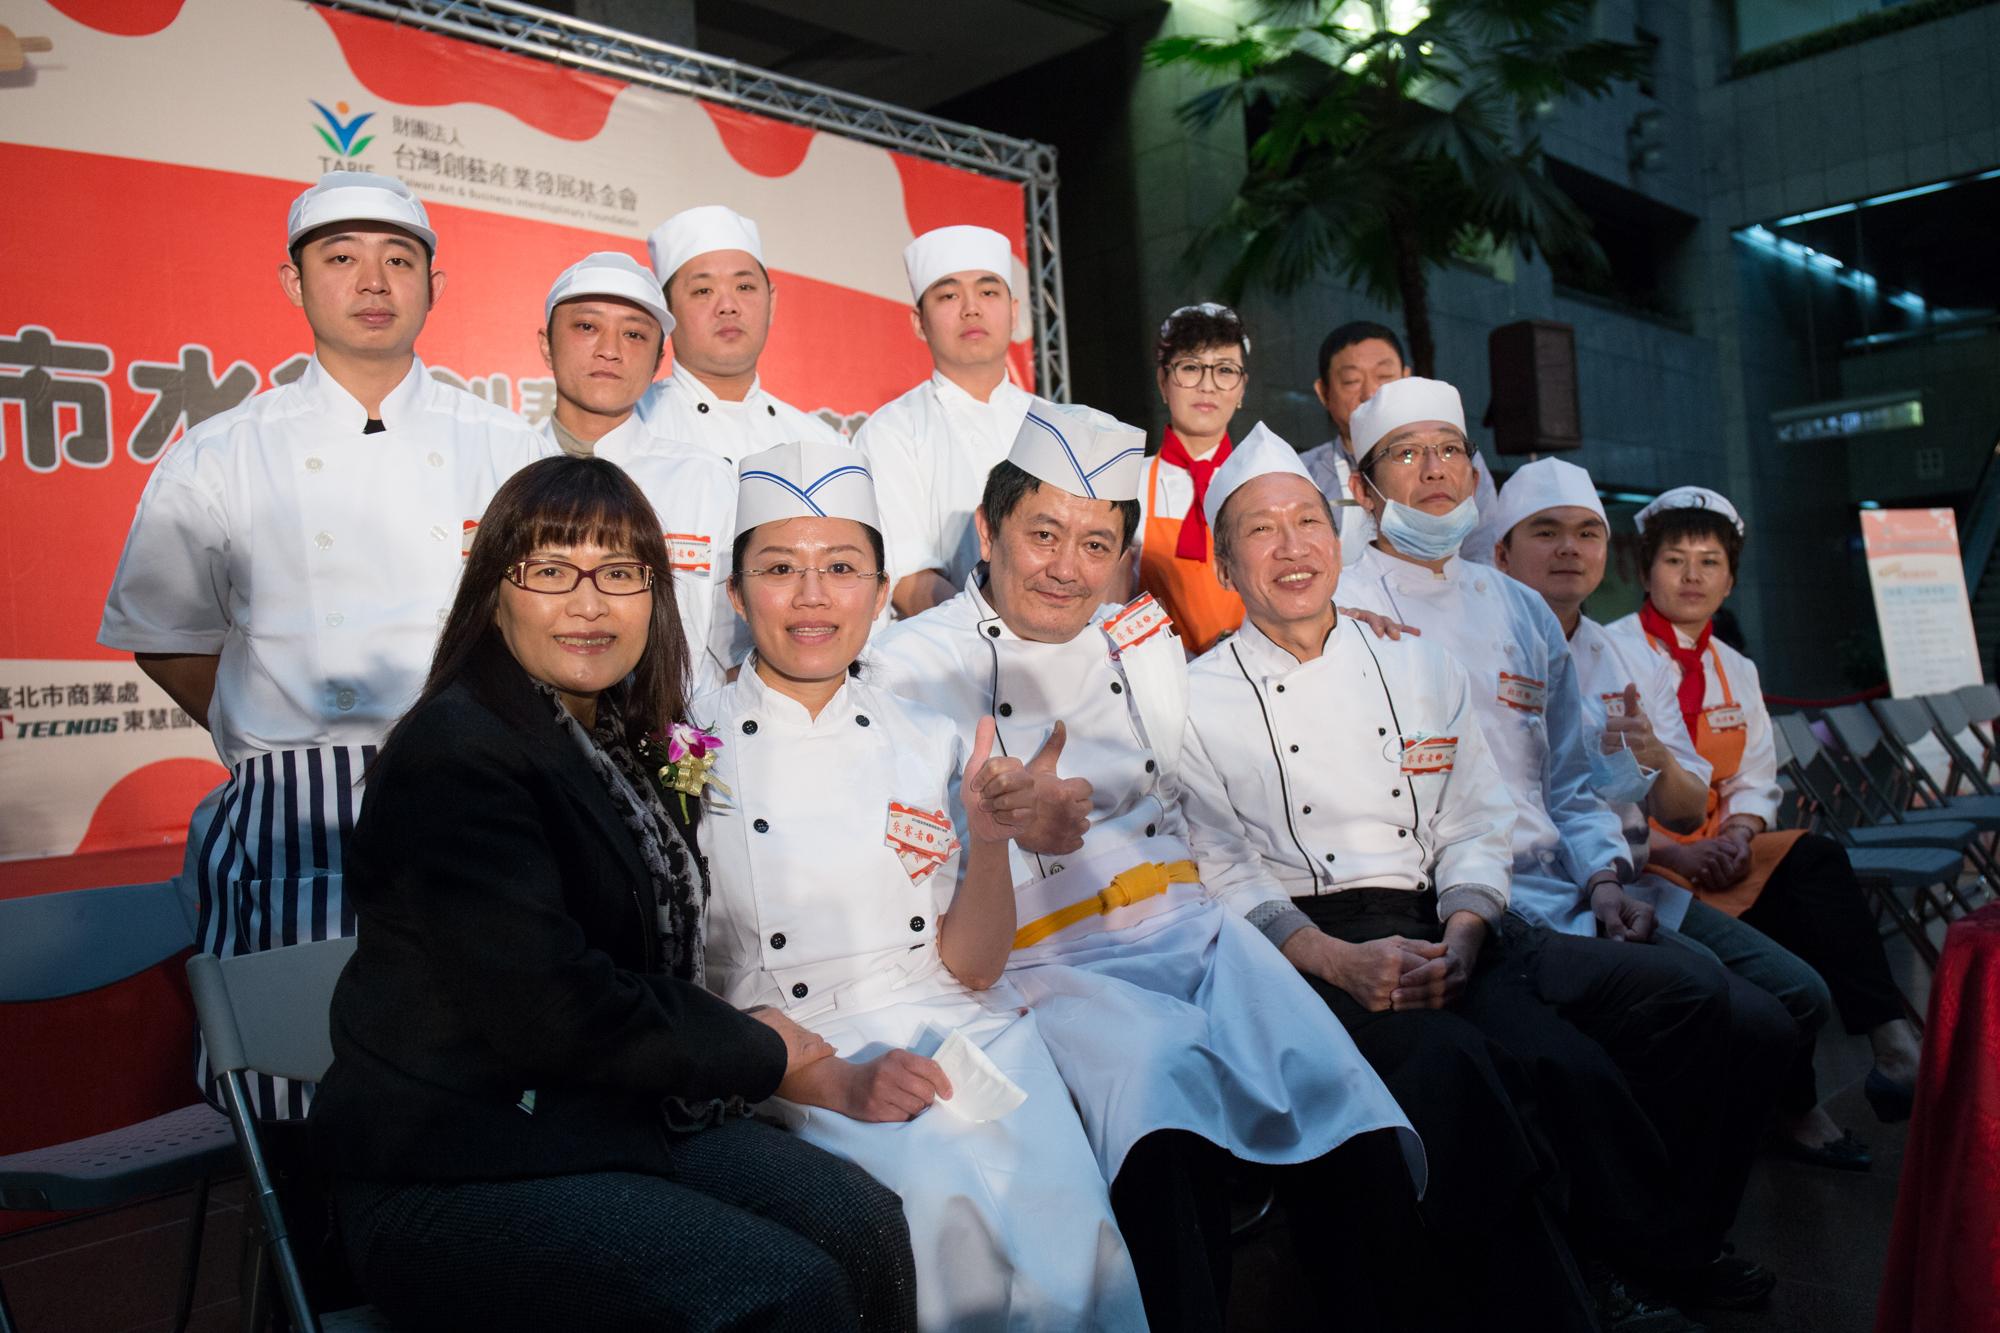 臺北市水餃創意設計競賽,台中婚錄推薦27